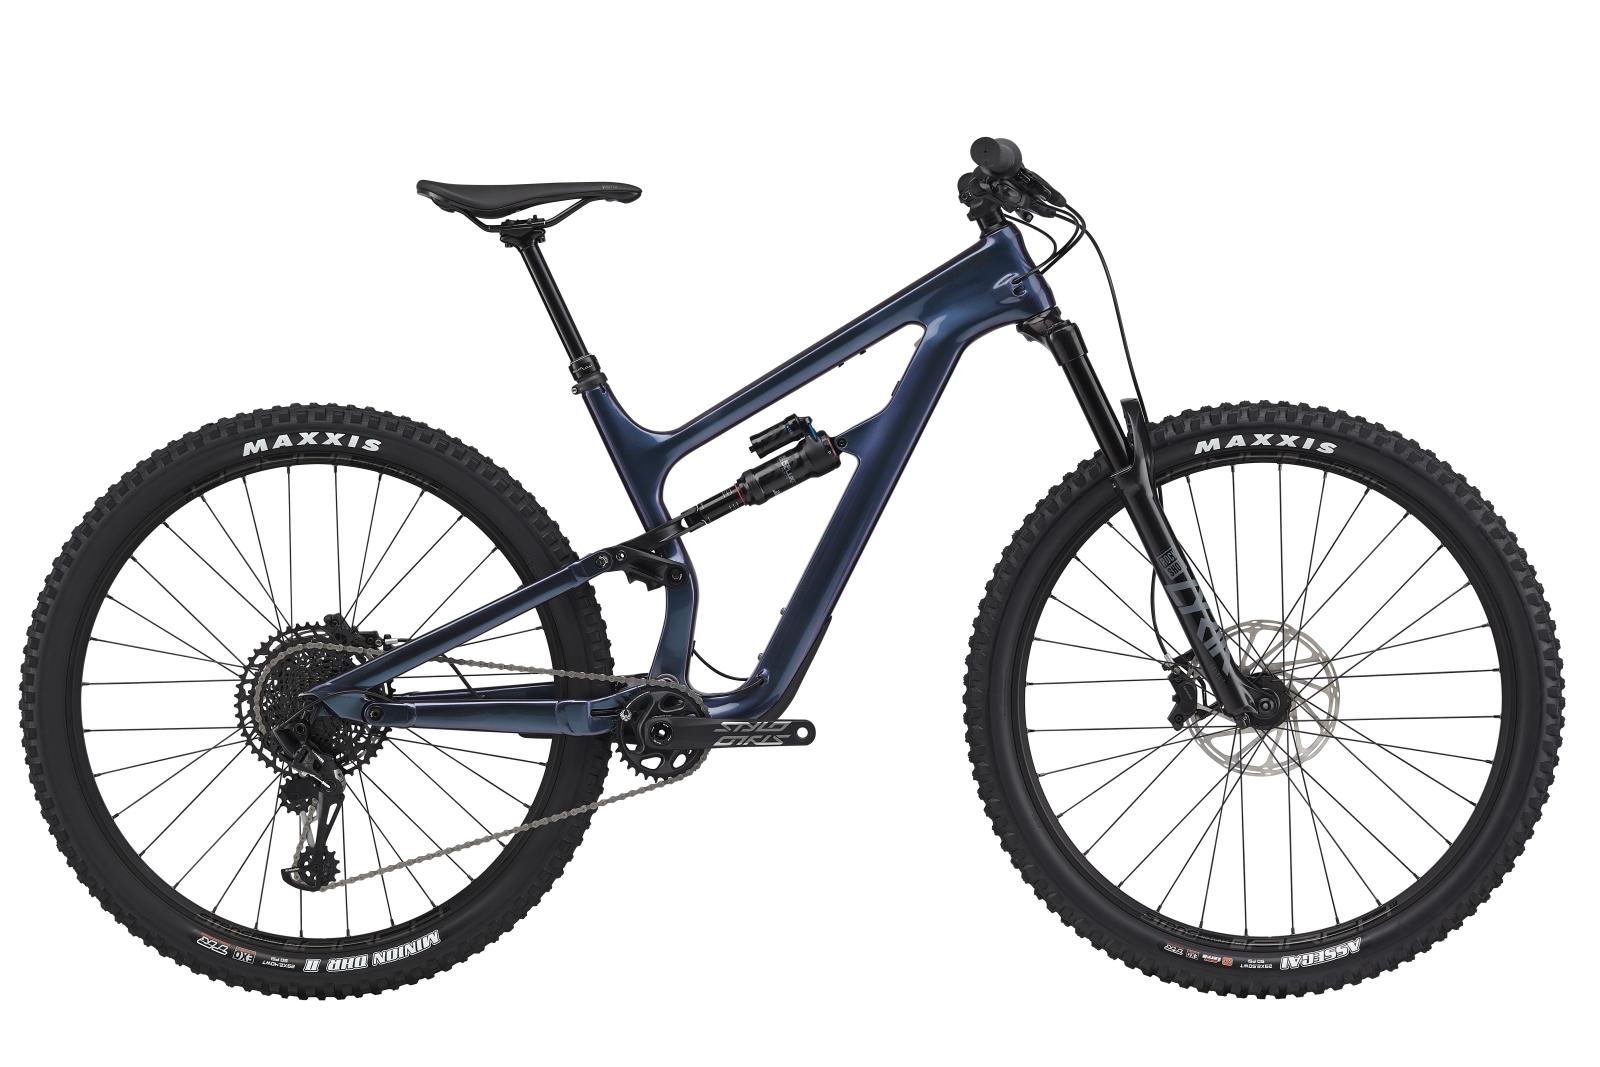 """Cannondale Habit Carbon SE férfi 29"""" trail kerékpár - sötétkék - M (2020)"""